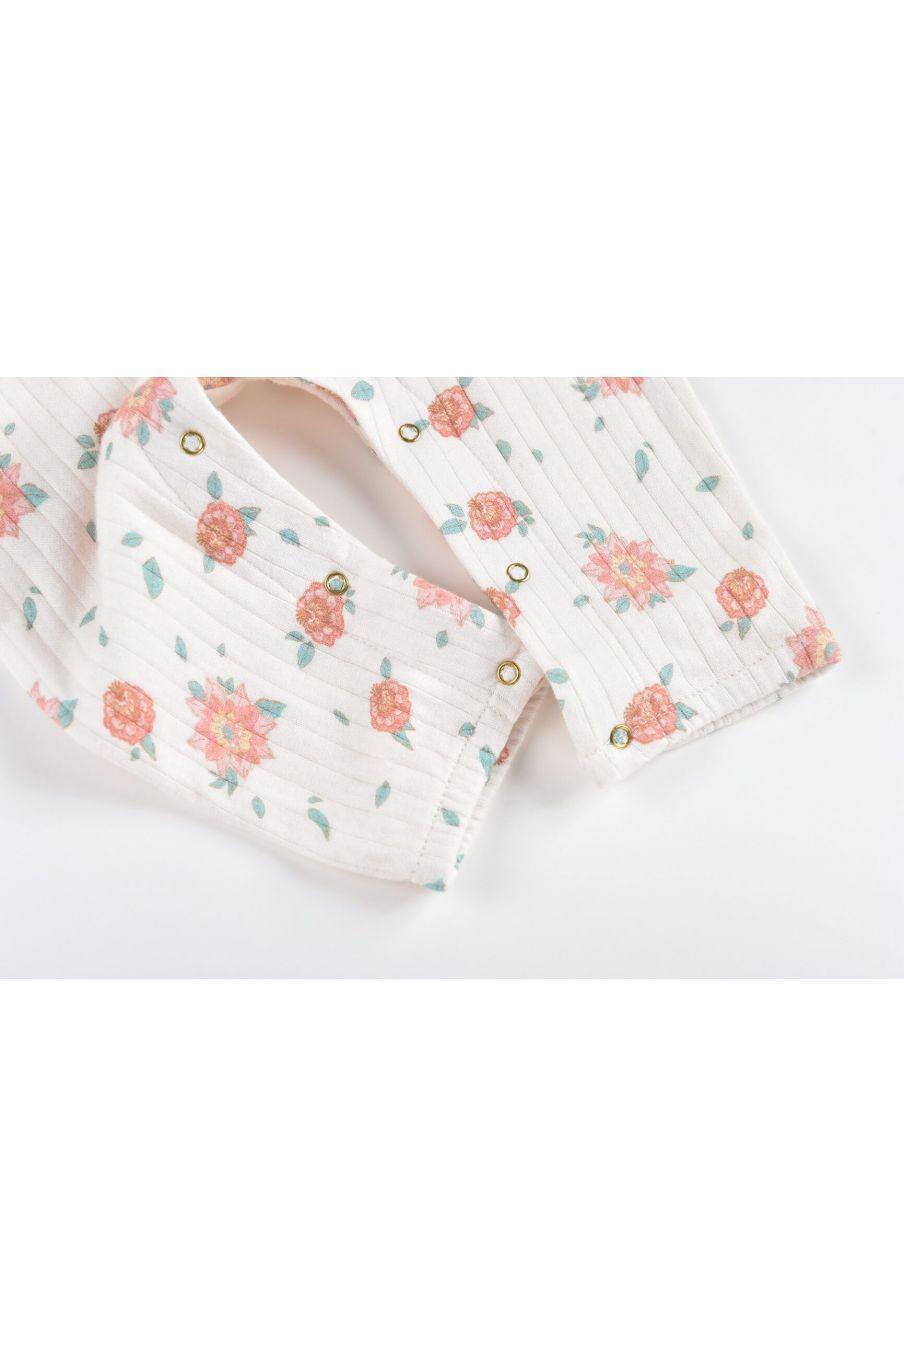 boheme chic vintage combinaison bébé fille abha off-white flowers